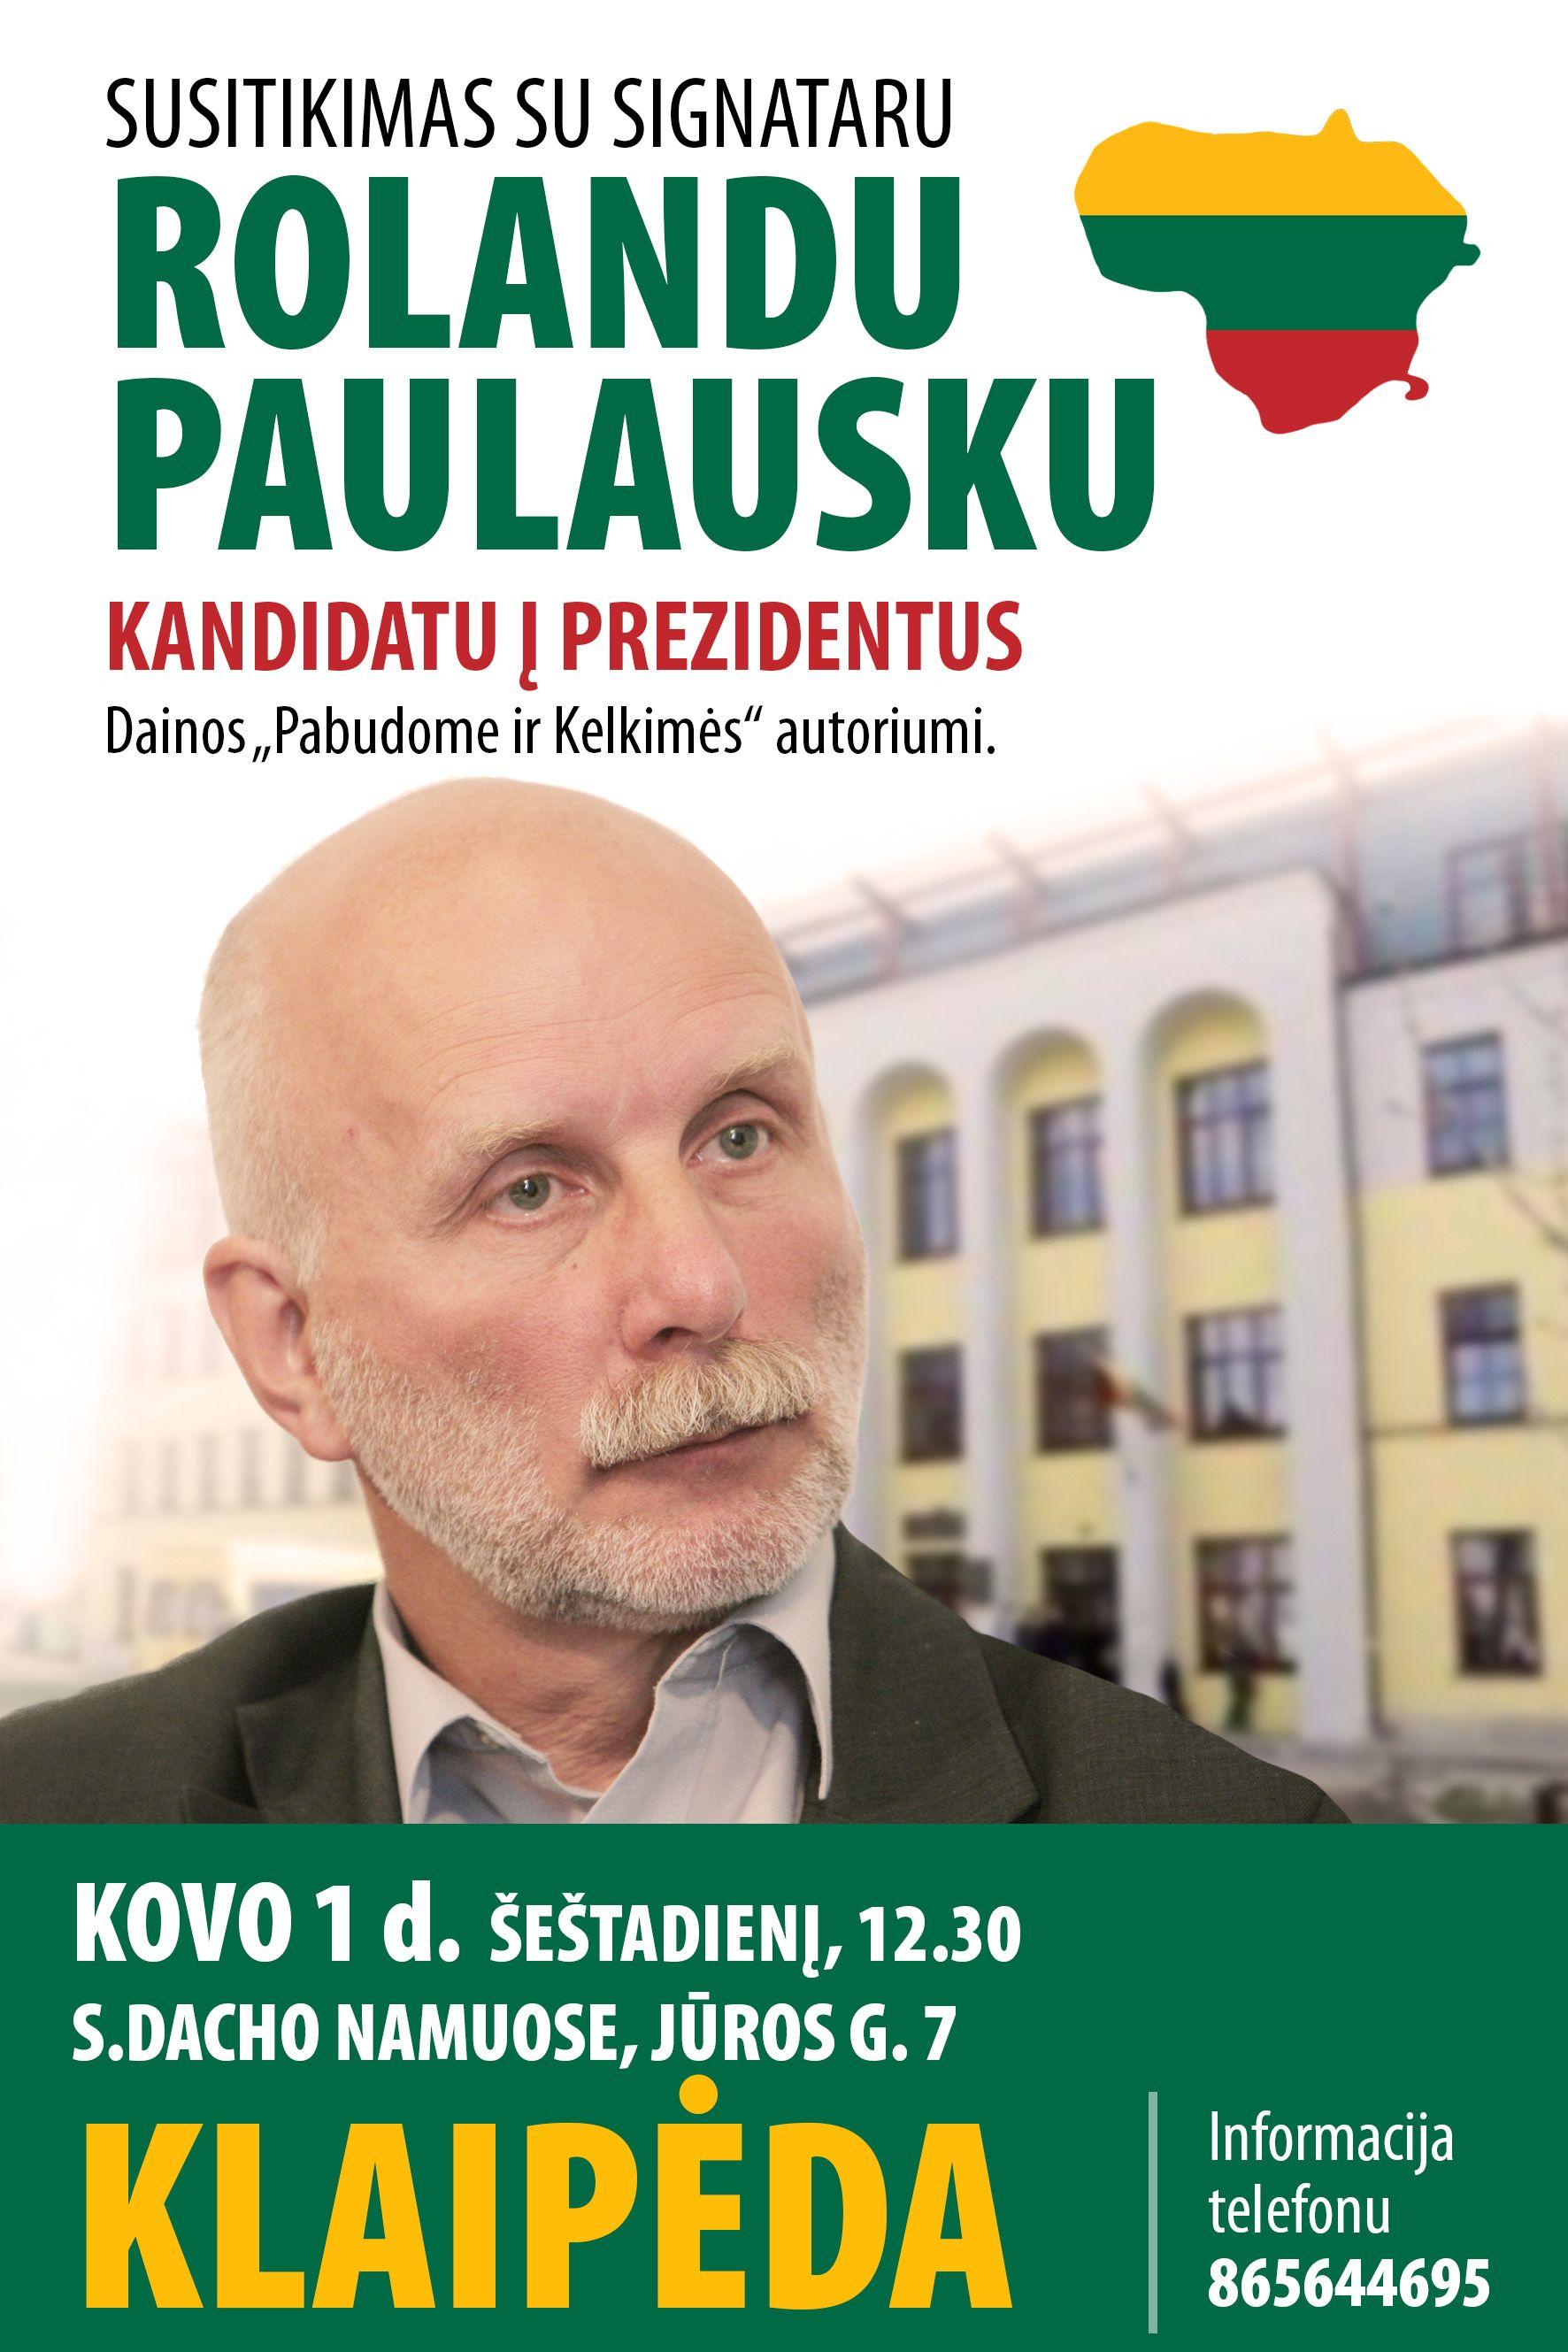 Susitikimai su signataru Rolandu Paulausku